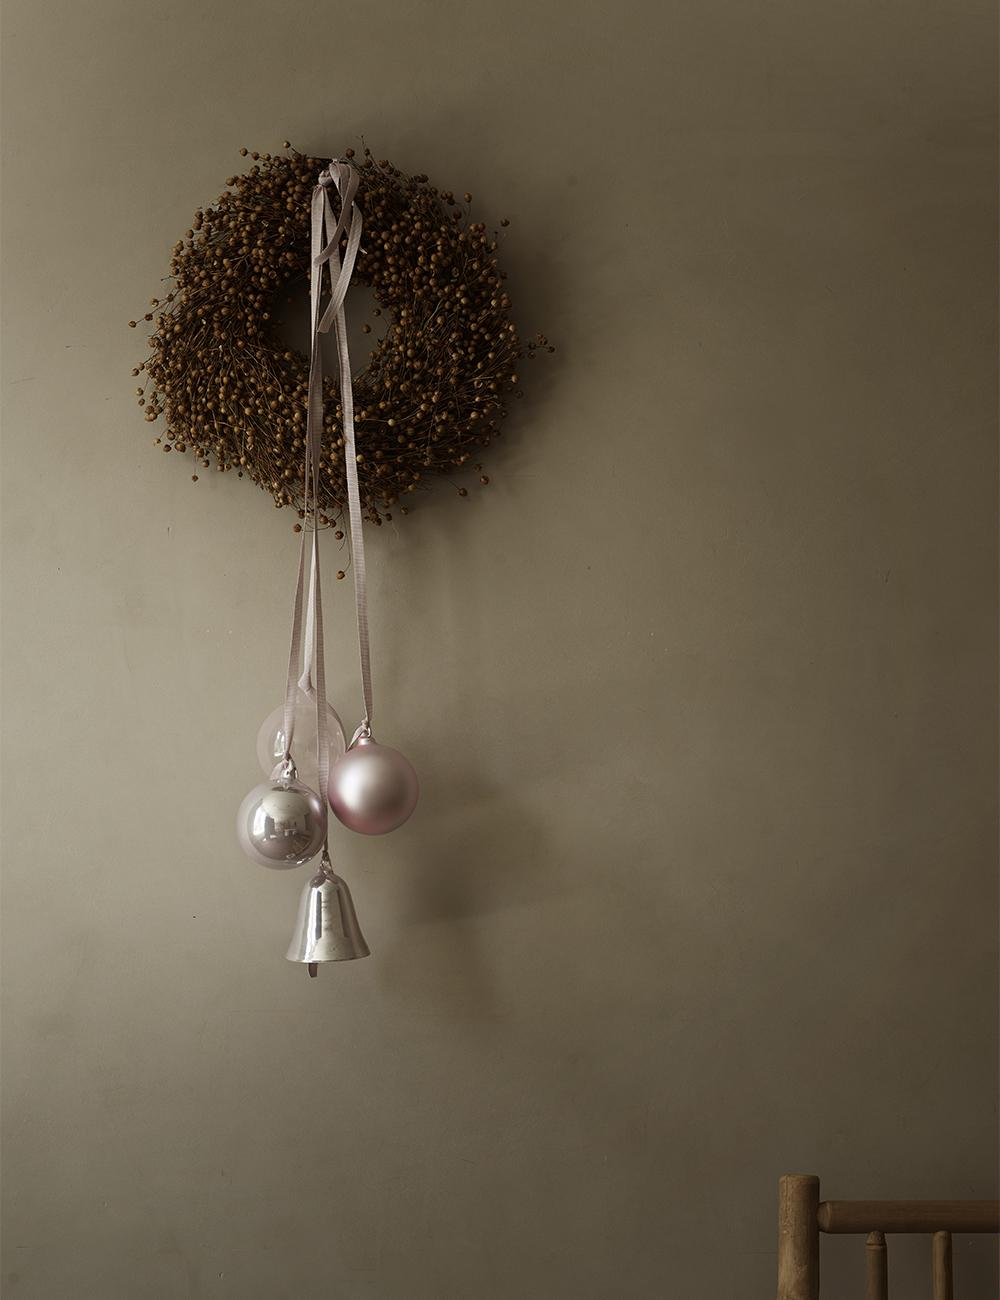 Krans med hängande julgransdekorationer